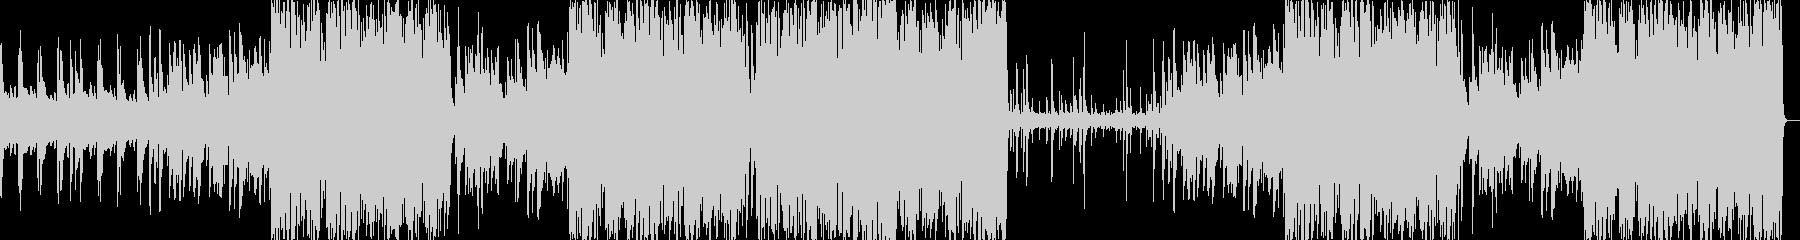 ピアノ曲のジャズアレンジ版の未再生の波形